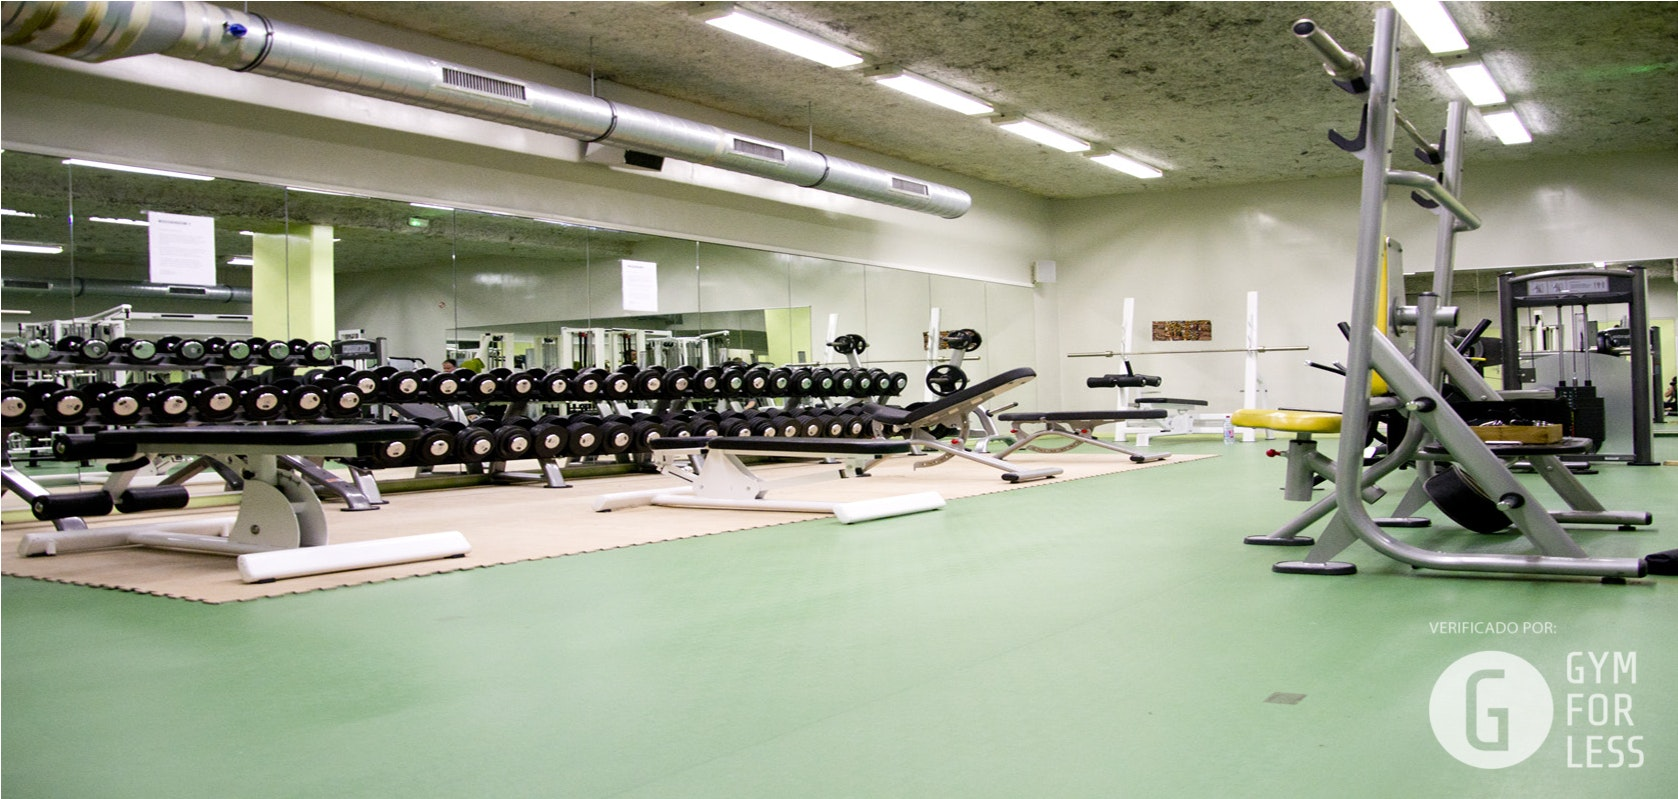 Photo 1 Les meilleurs tarifs  et activités pour le centre Salle Pelleport Paris Sport Club Paris